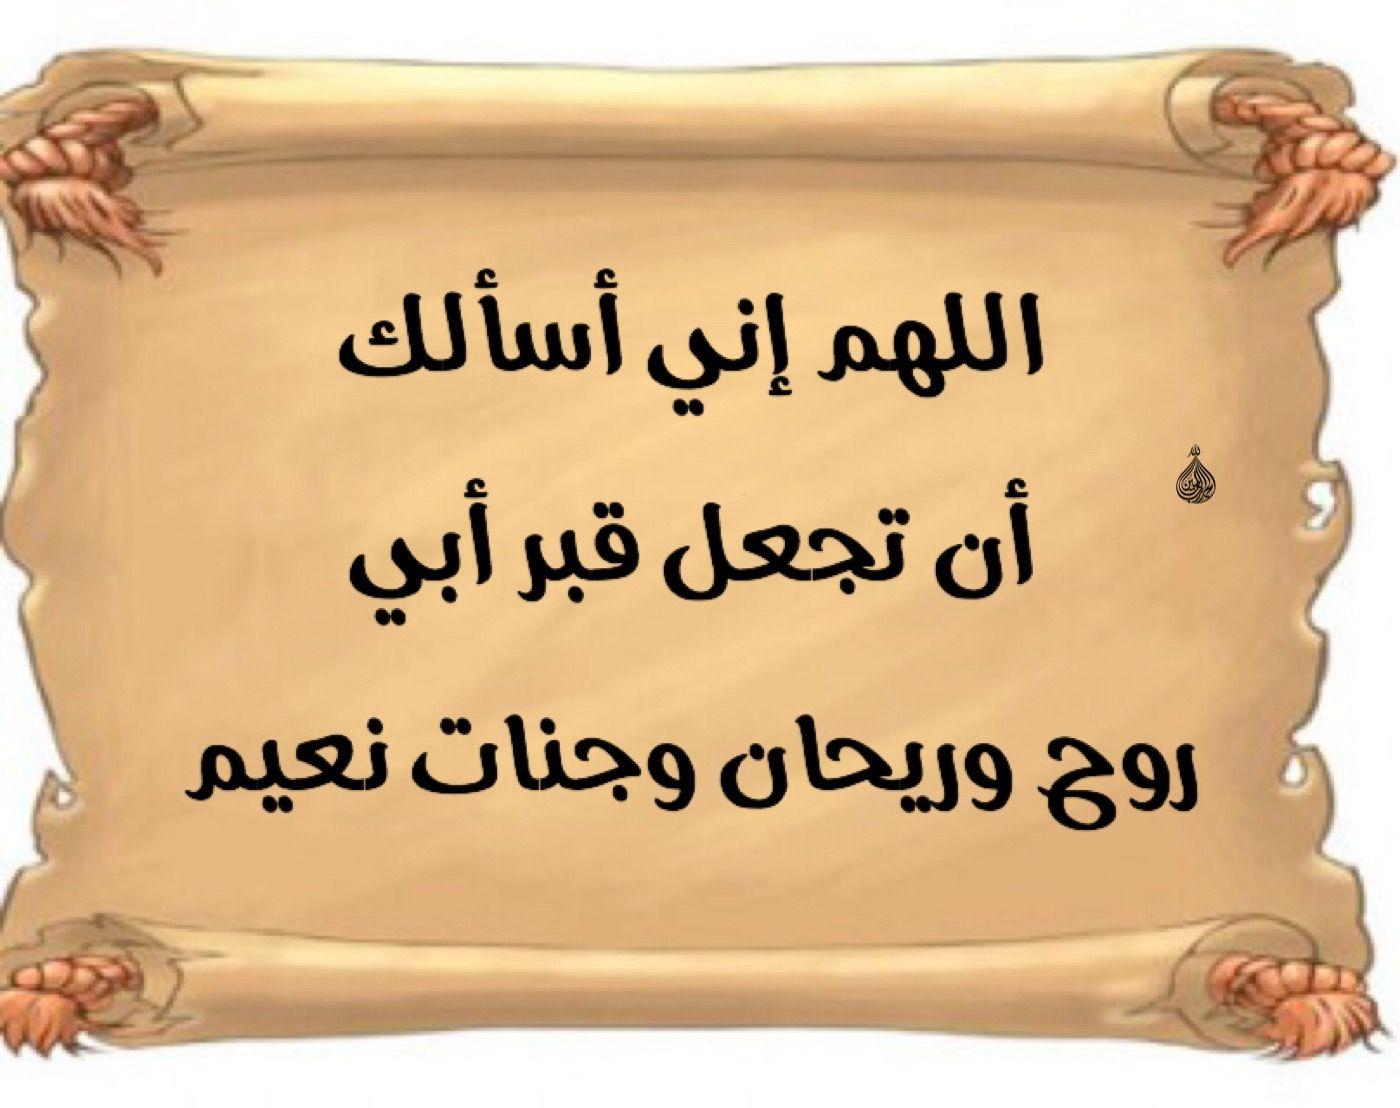 اللهم اجعل قبر ابي روح وريحان وجنات نعيم